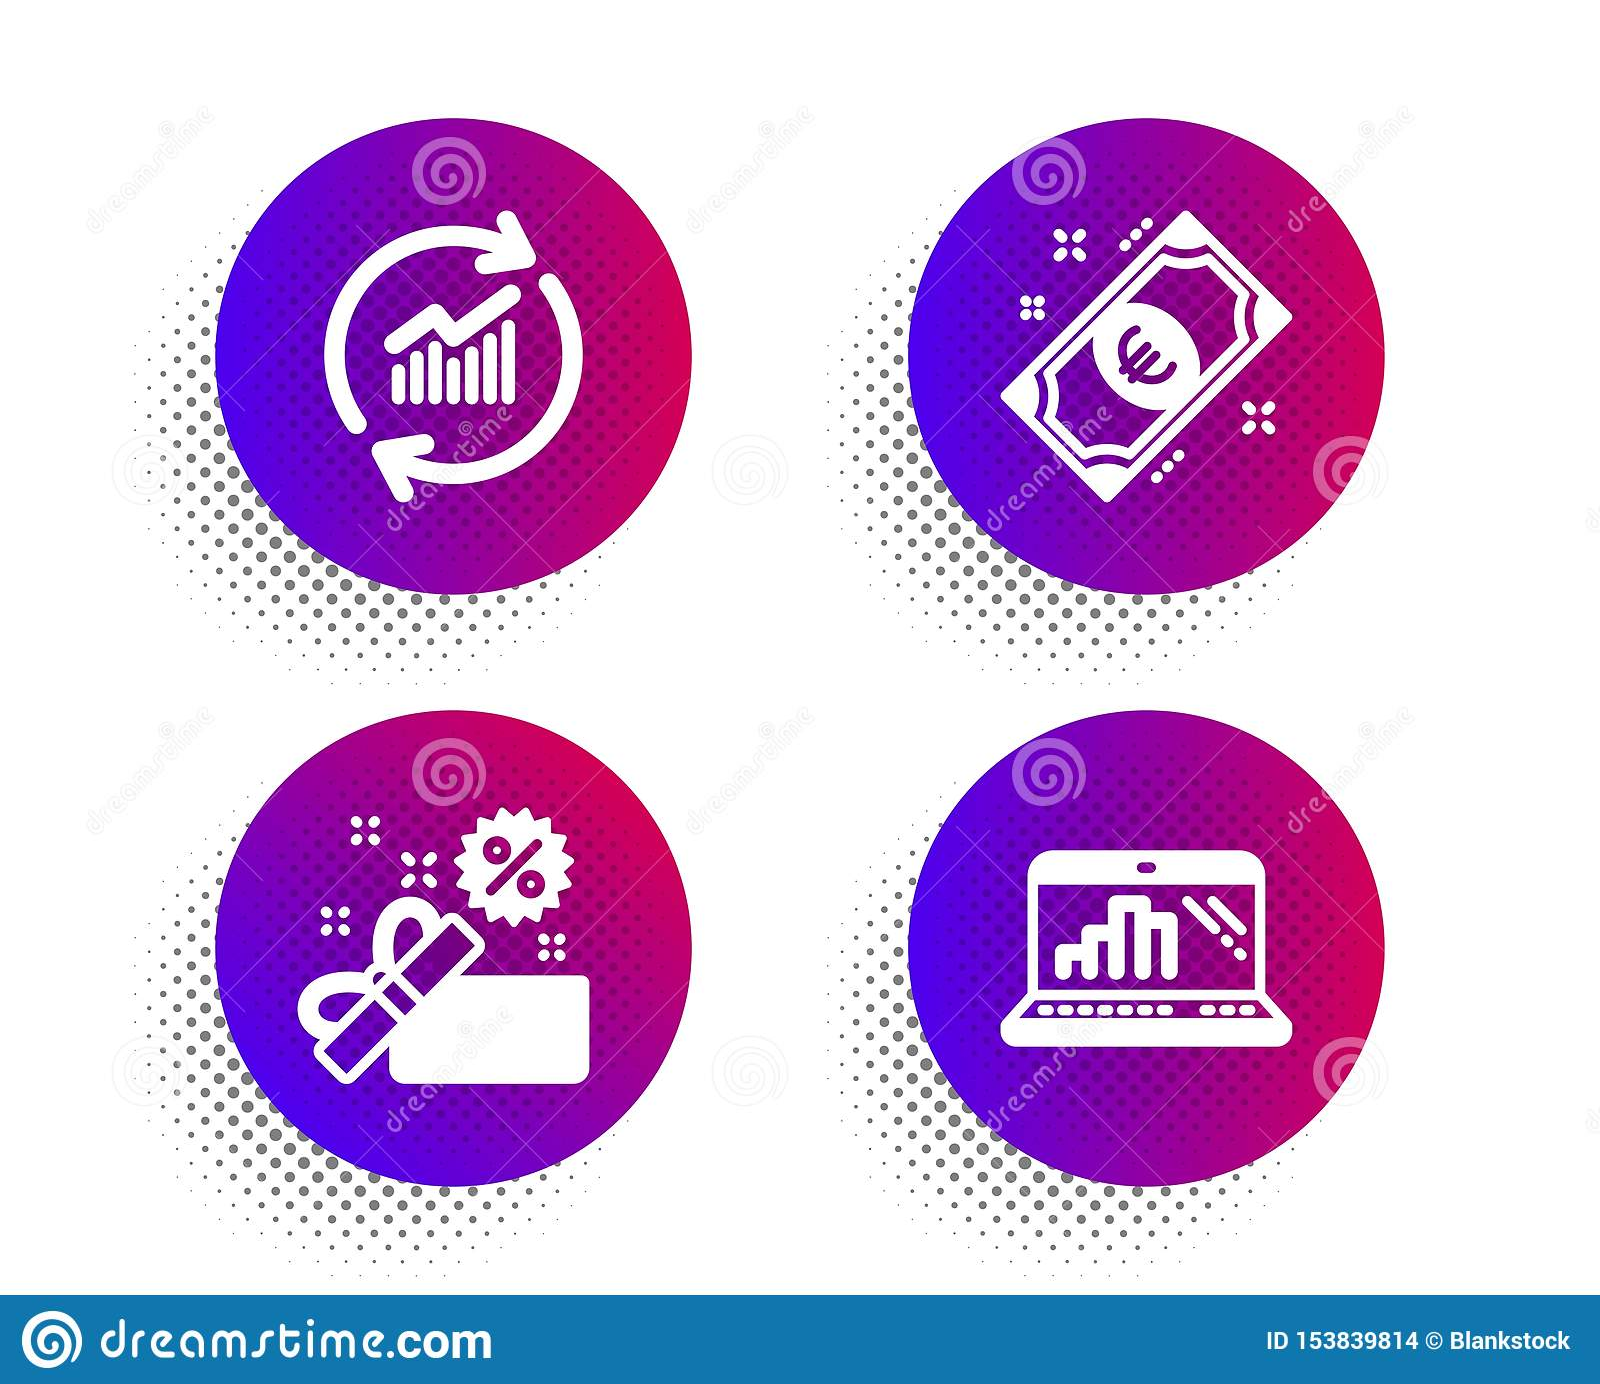 Деньги продажи, евро и данные по обновления набор значков Знак ноутбука диаграммы Подарочная коробка, наличные деньги, статистика